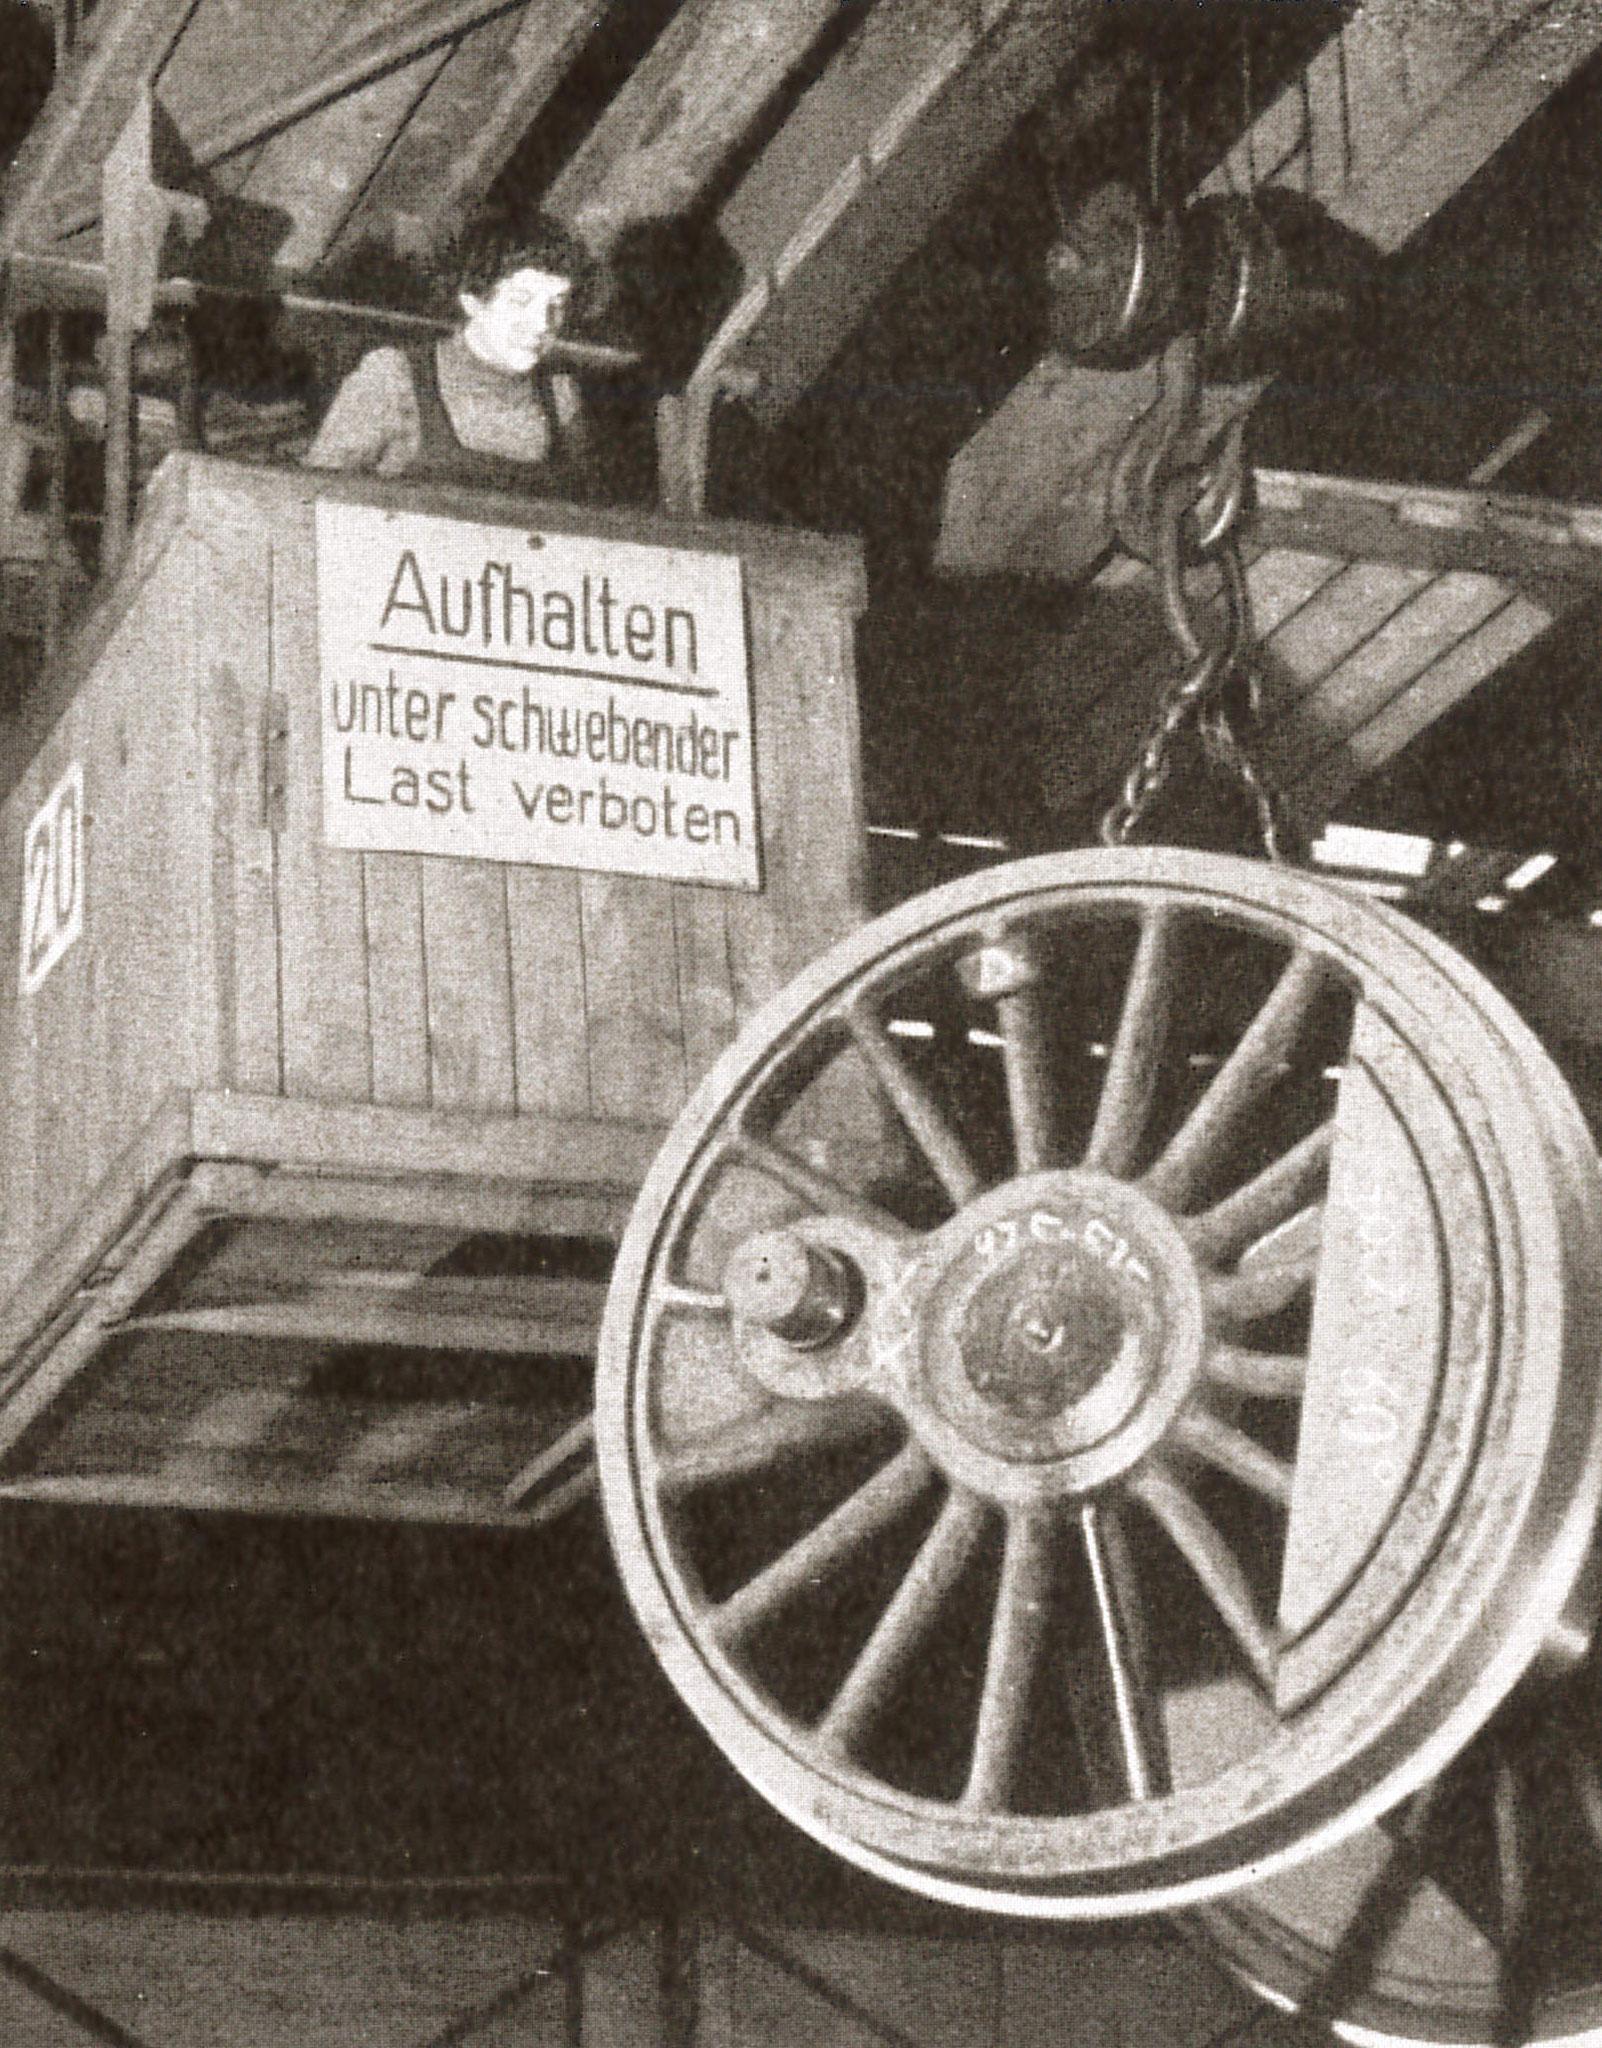 """Kranbahn in der Lokhalle mit Kranführerin (Quelle: """"50 Jahre RAW, 50 Jahre Arbeiterbewegung"""", Zwickau, 1958)"""